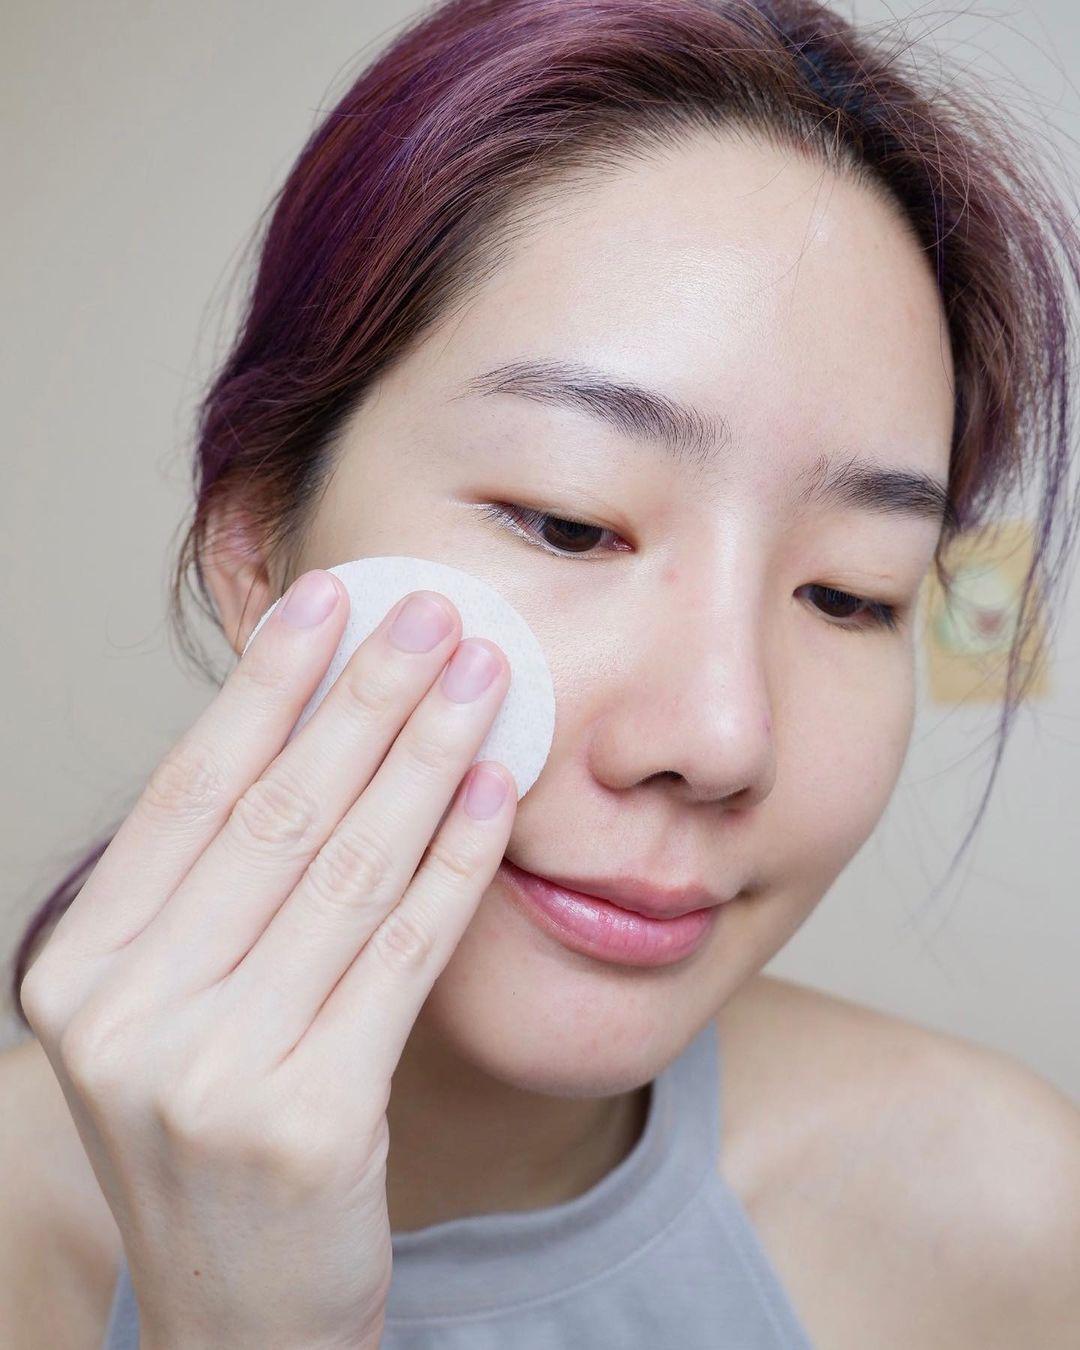 5 cách chăm sóc da trong những ngày mưa - ảnh 5